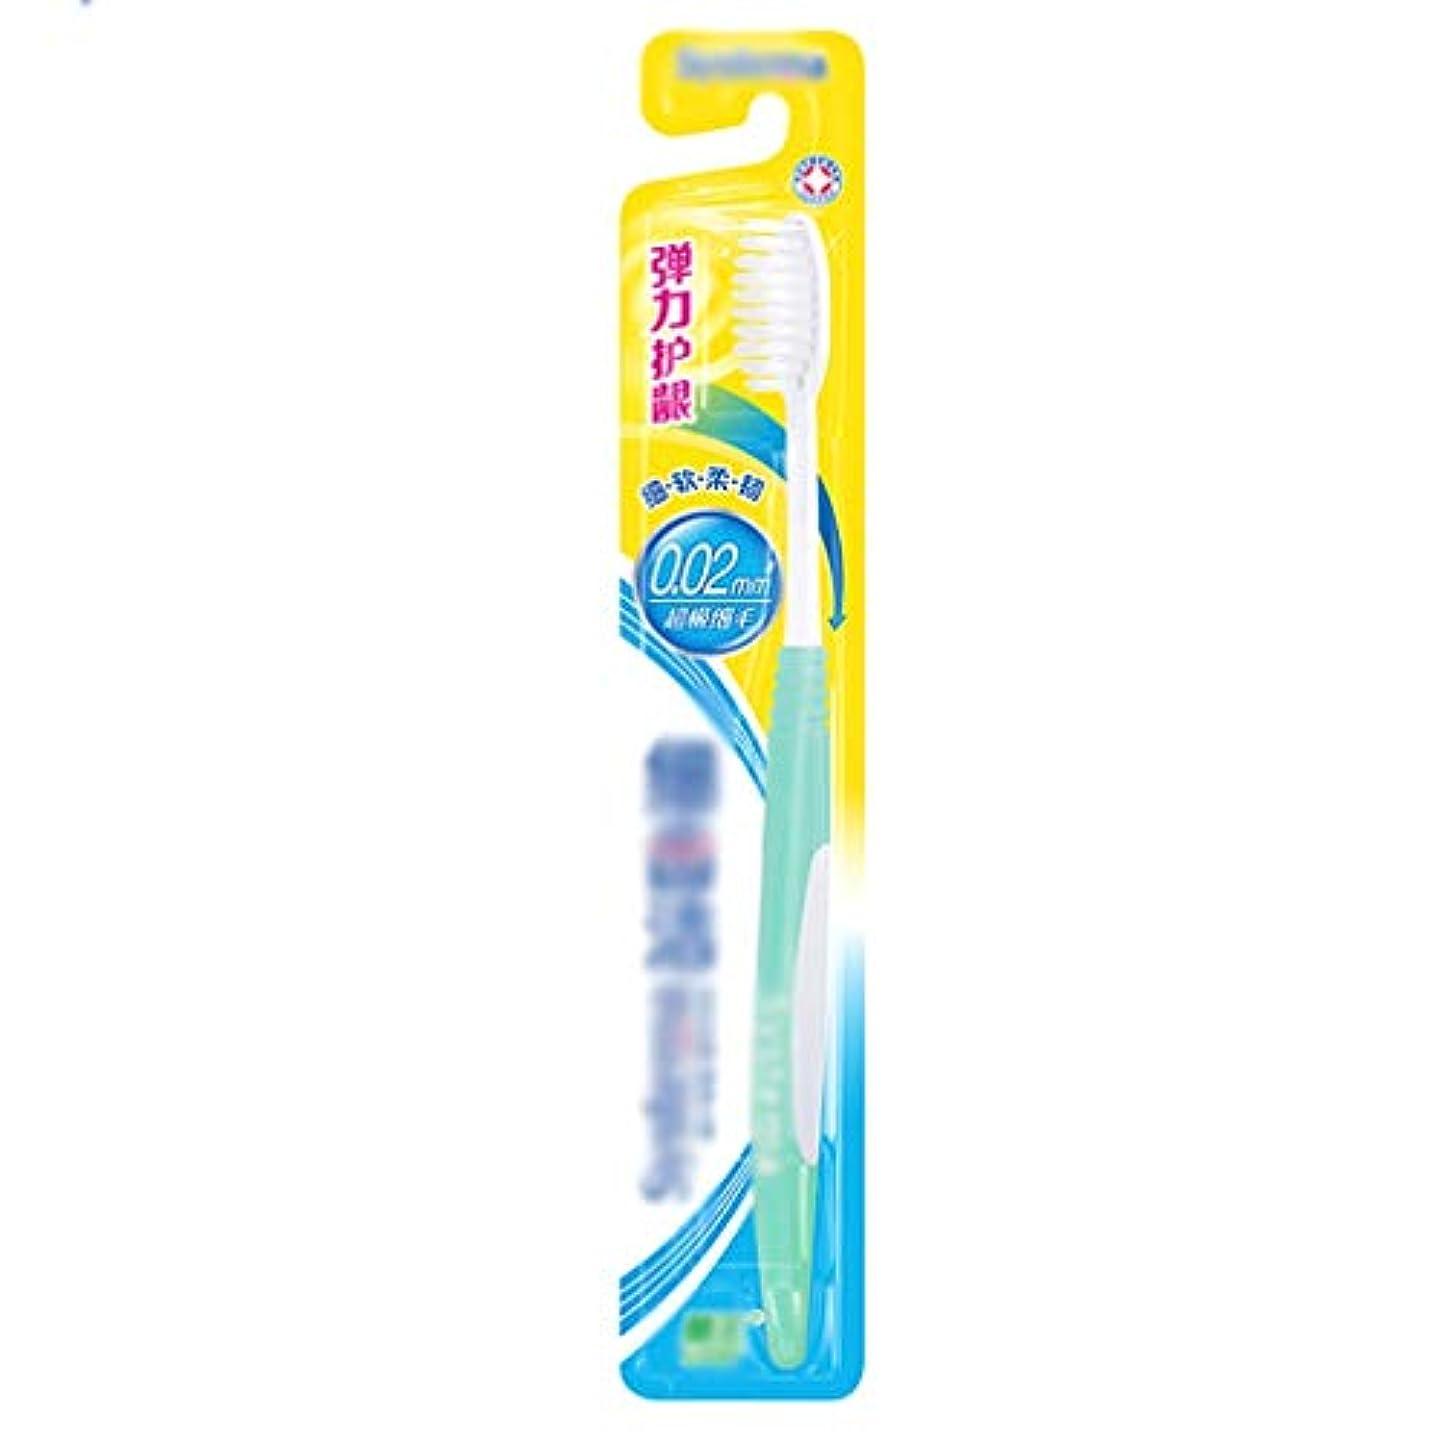 中央値スティック策定するスーパーソフト歯ブラシ、弾性足首歯ブラシ、手用歯ブラシの10本のスティック